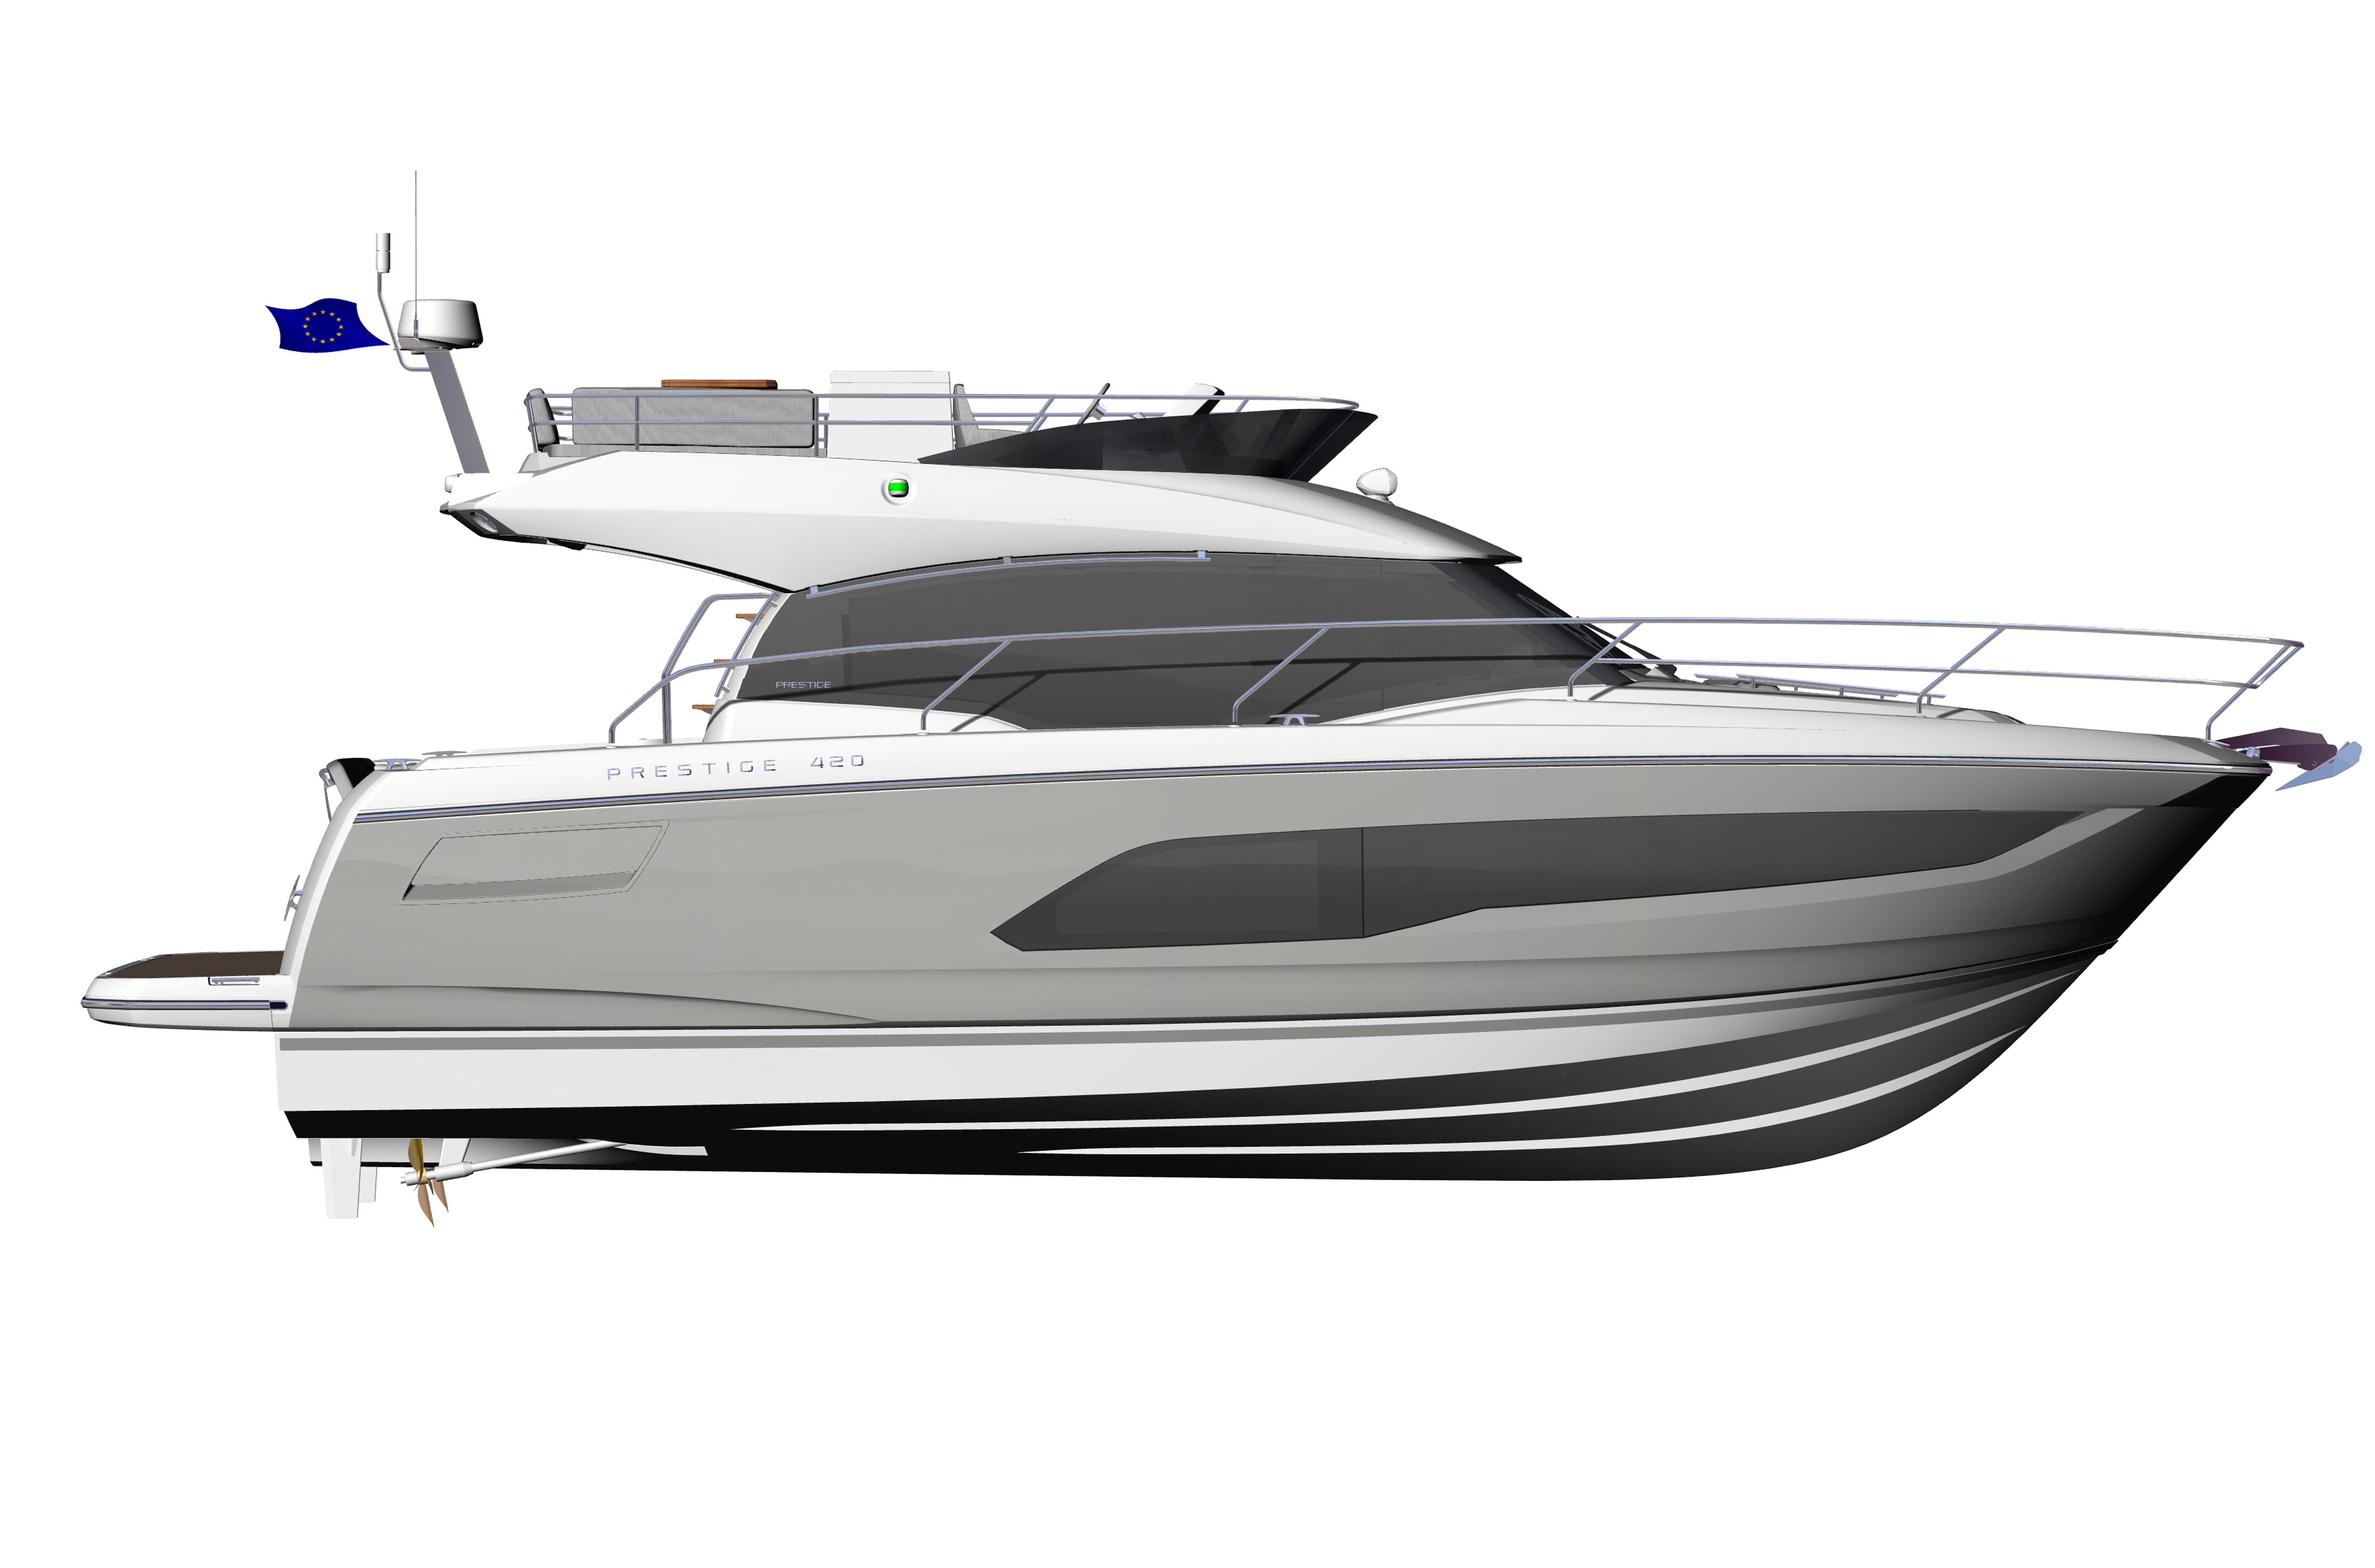 PRESTIGE-420---Profil---Grey-hull-